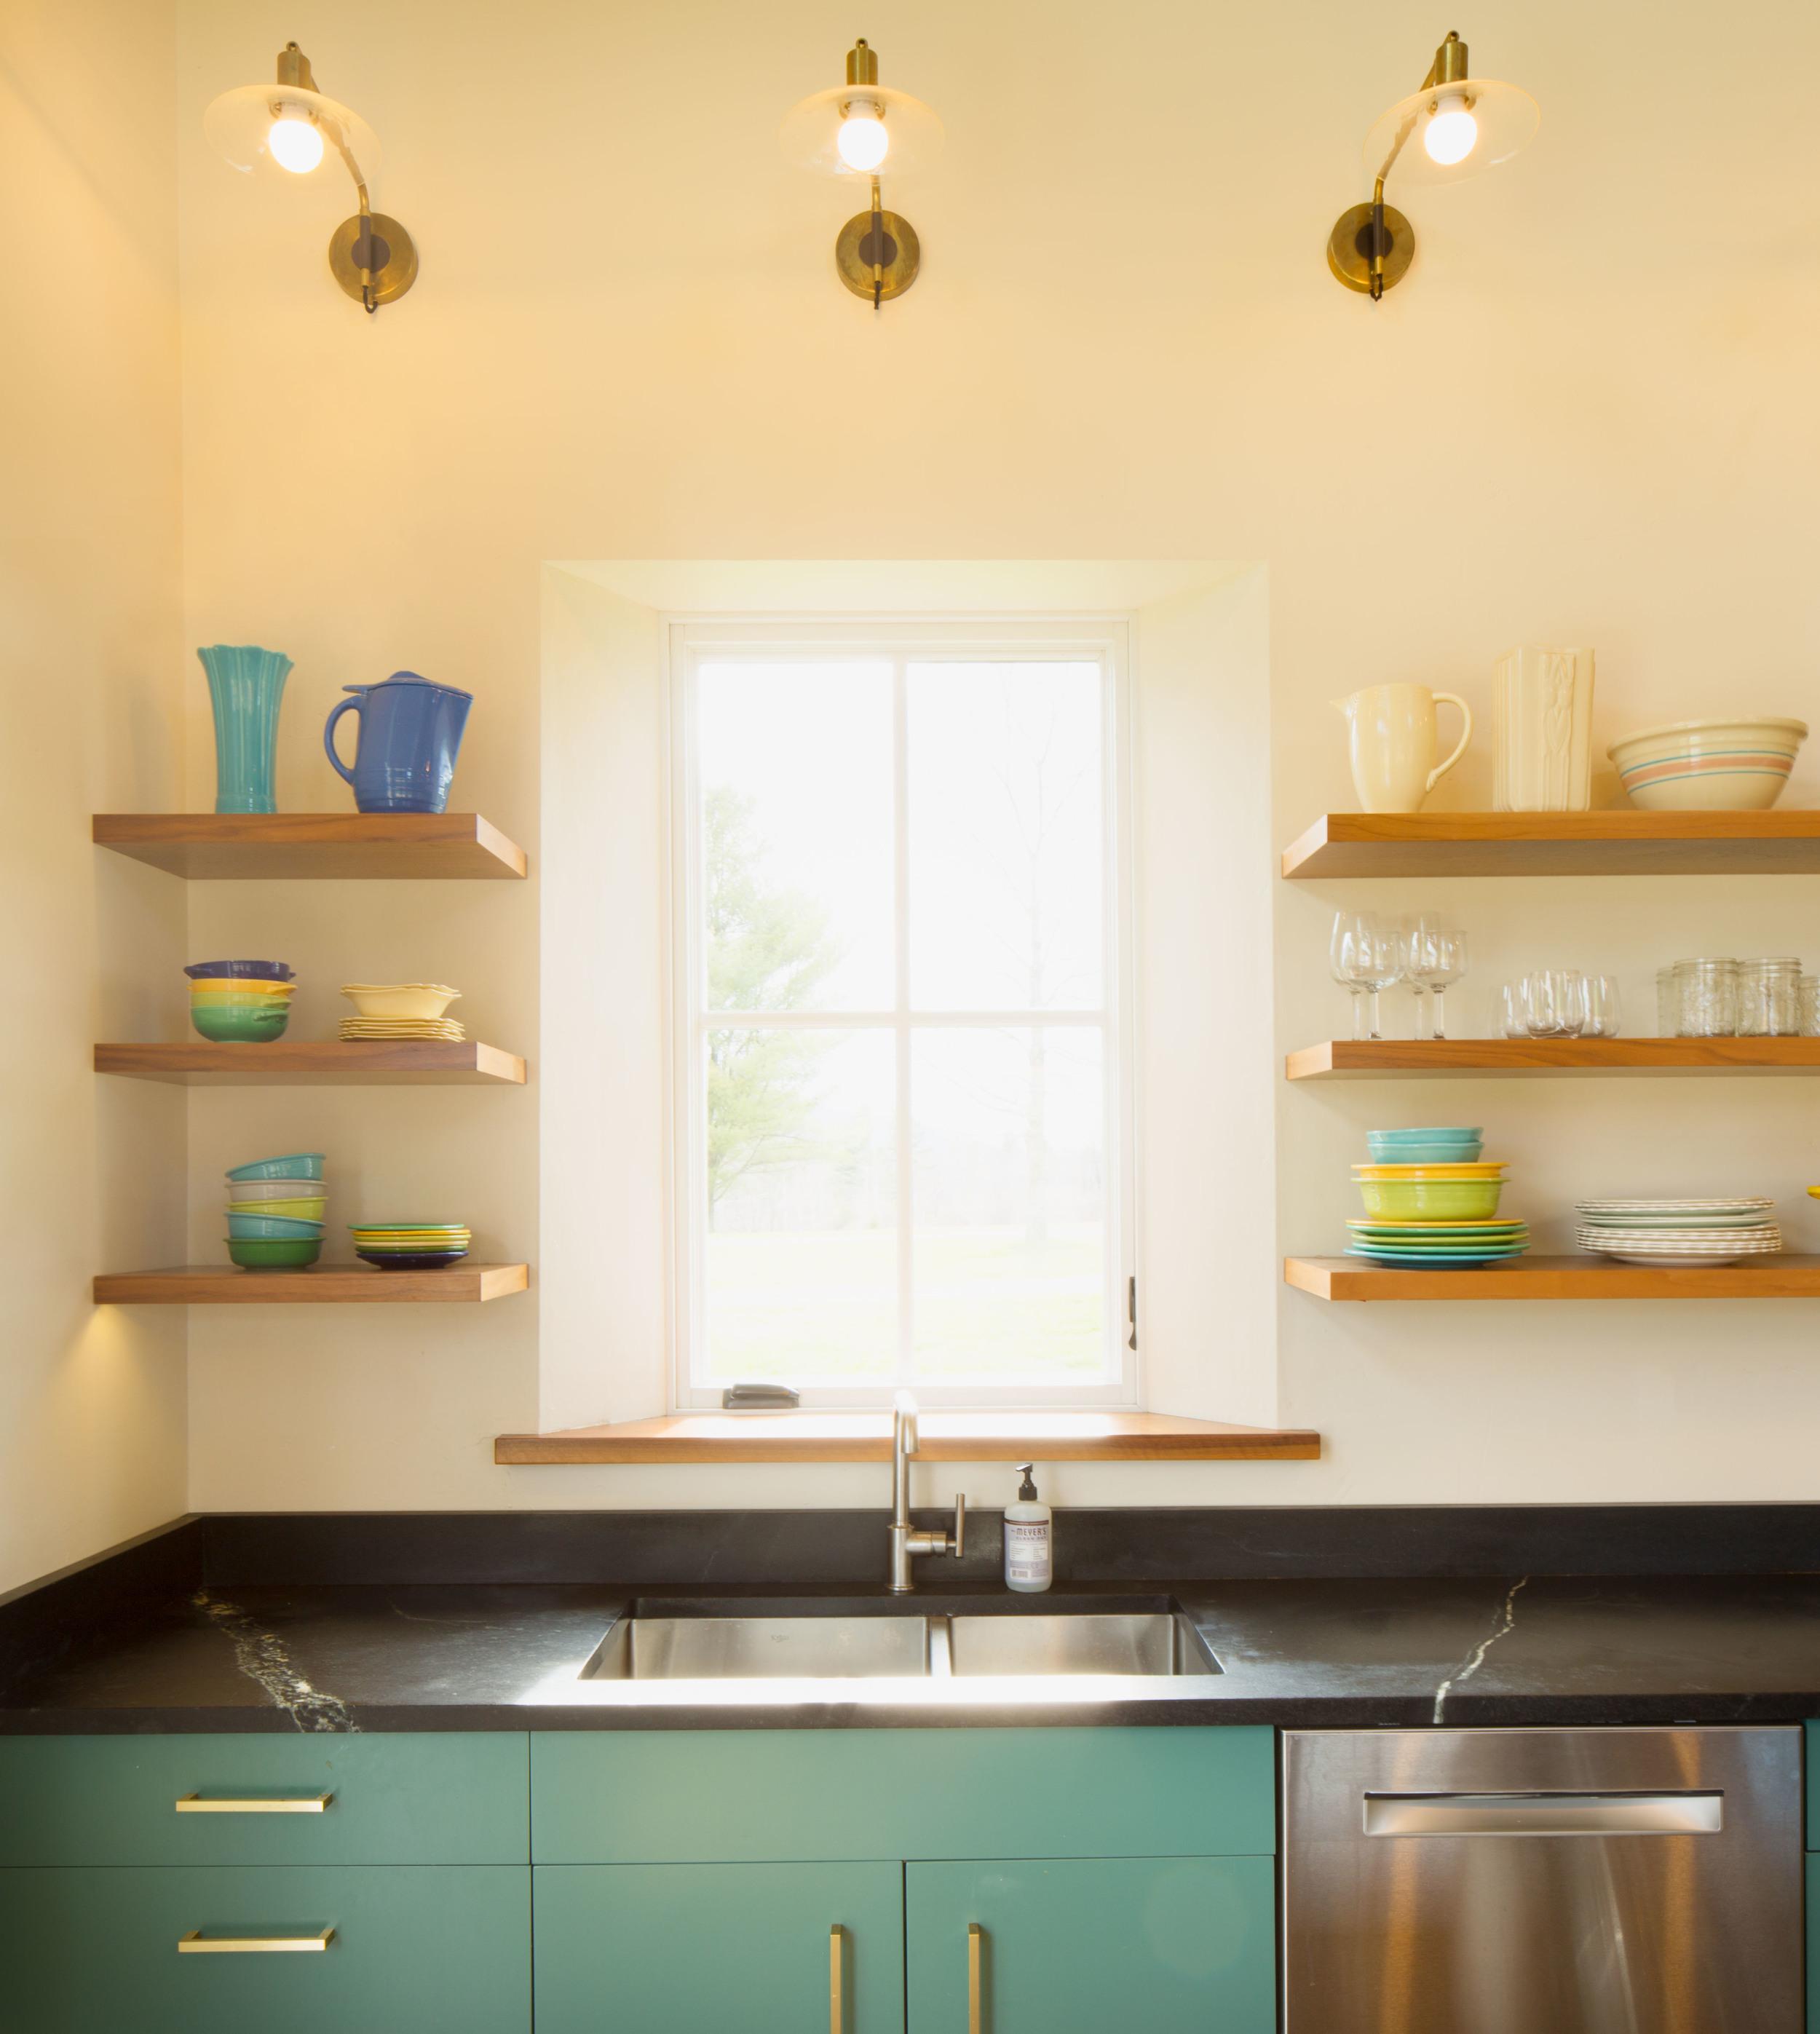 Smith-kitchen window vignette.jpg